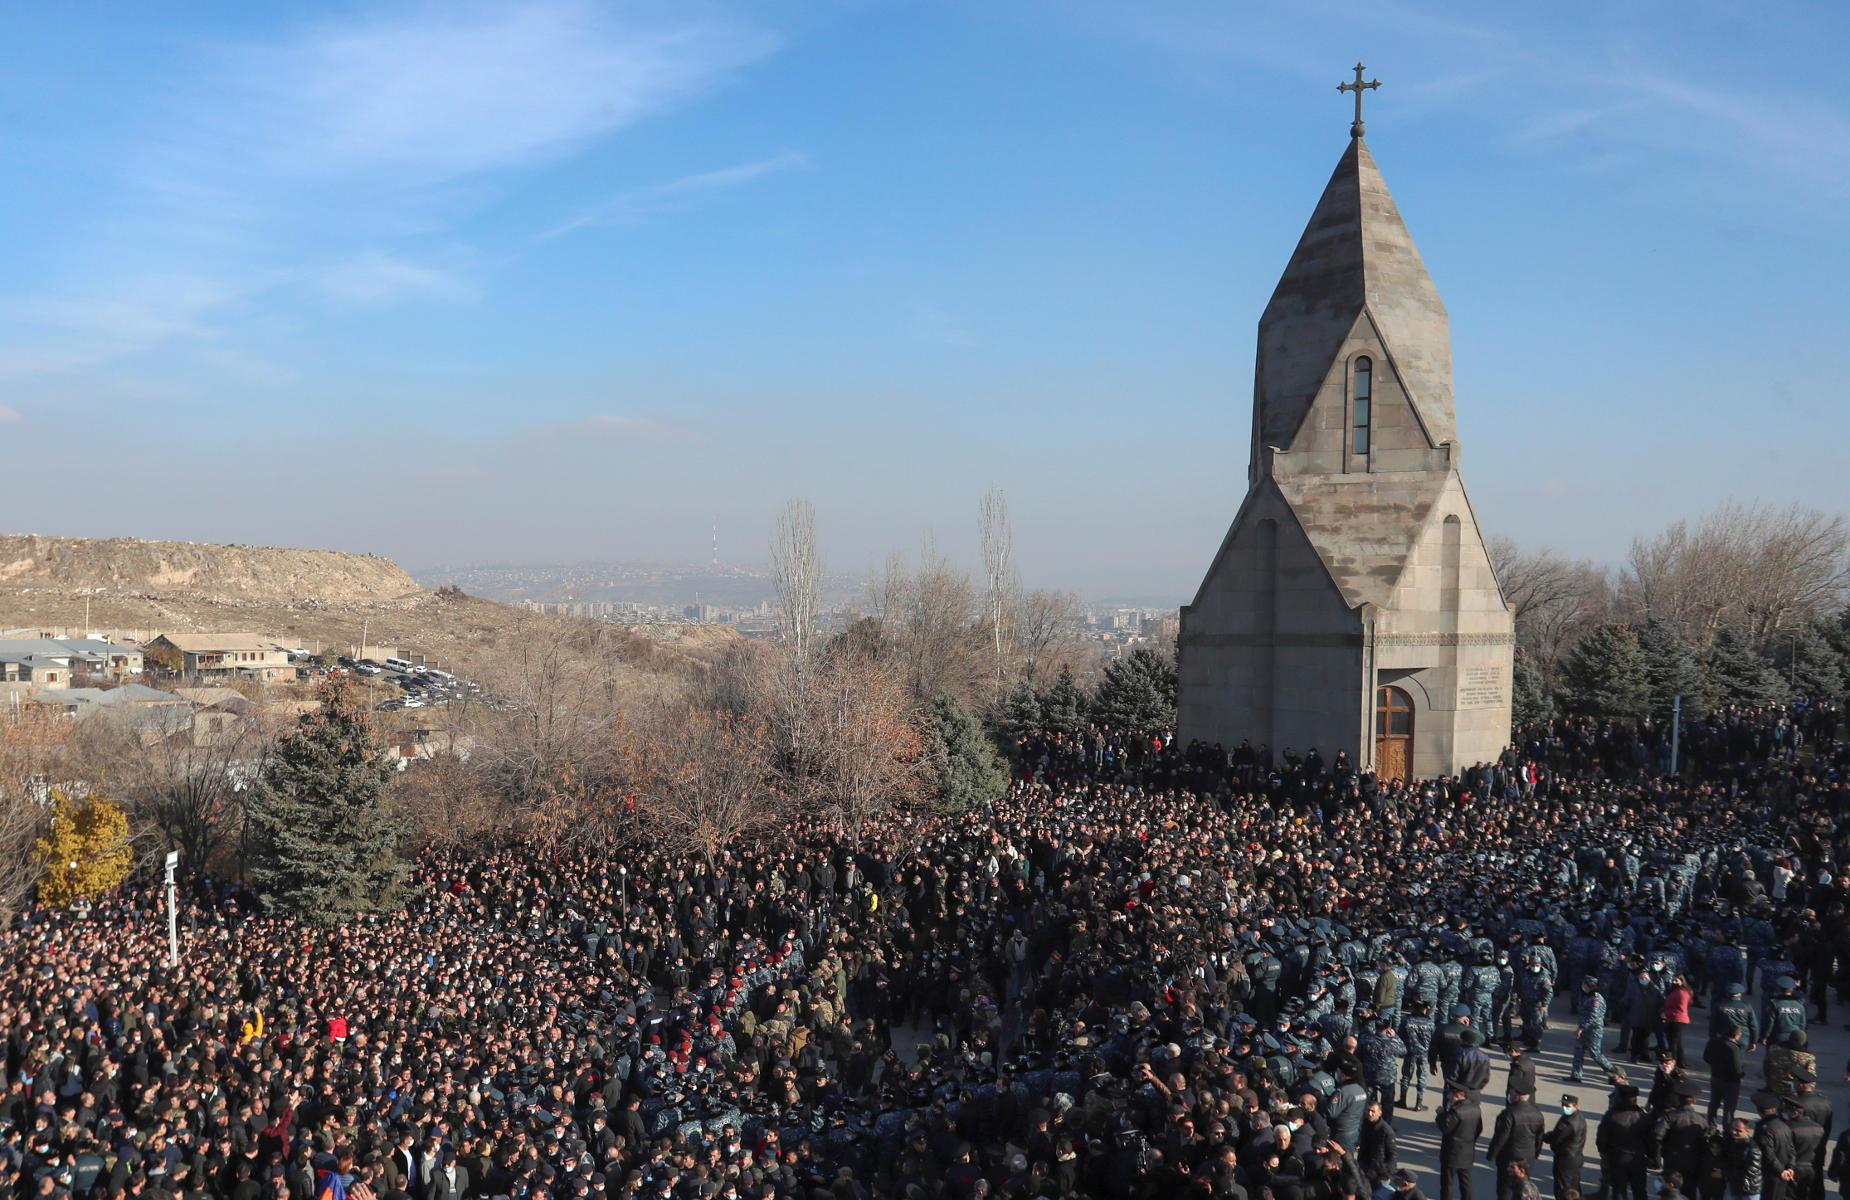 Αρμενία: Χιλιάδες άνθρωποι στο Γερεβάν απέτισαν φόρο τιμής στα θύματα του Ναγκόρνο Καραμπάχ